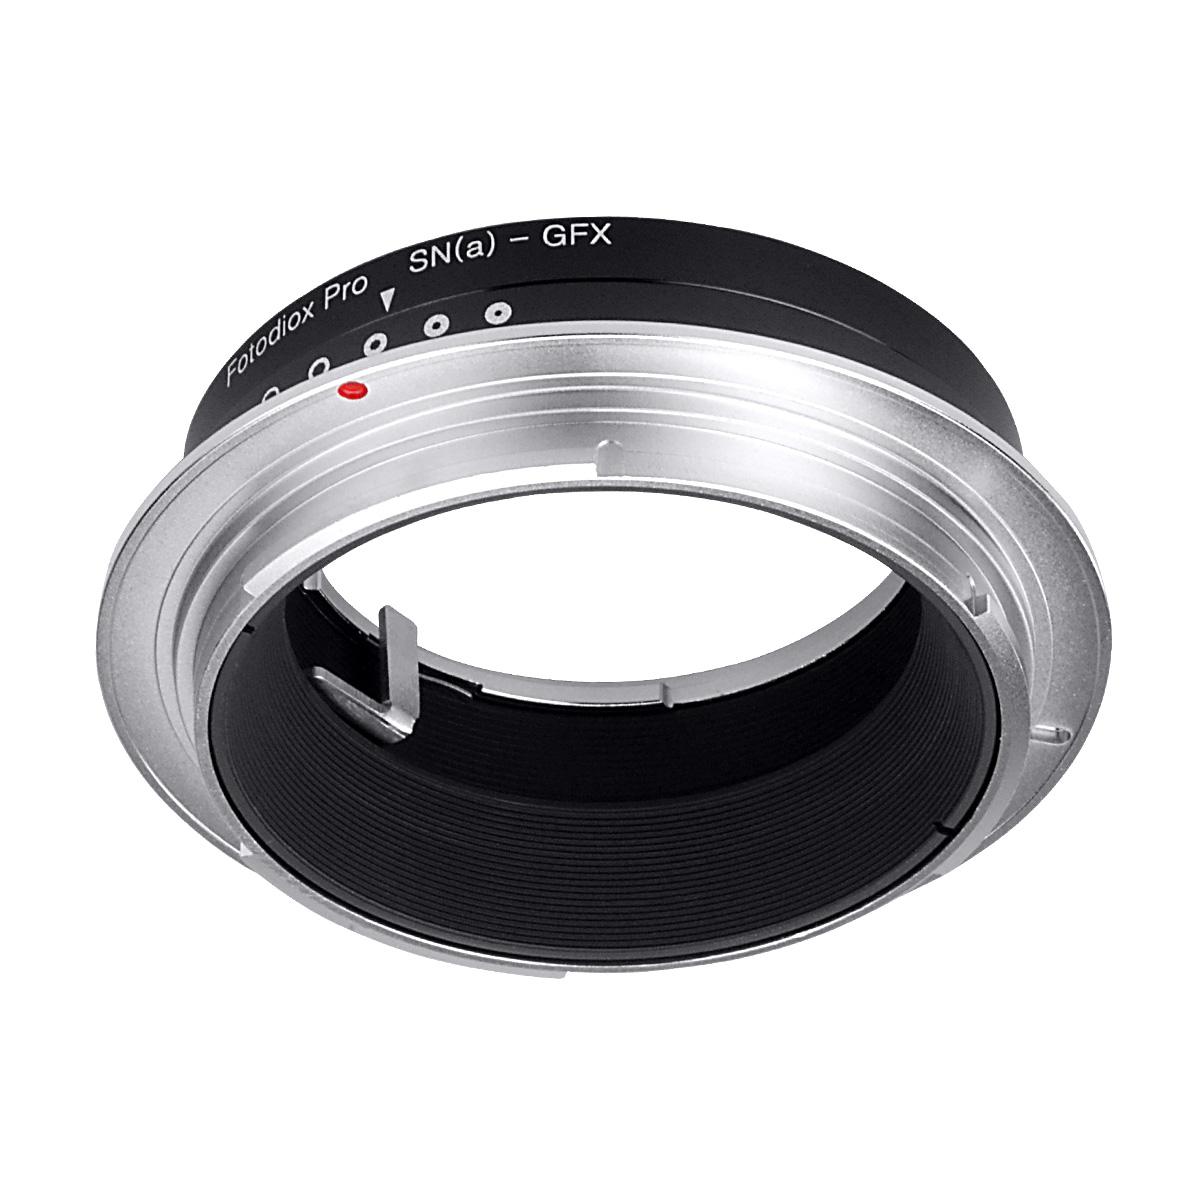 Fotodiox SnyA-GFX(ソニー(ミノルタ)Aマウントレンズ → 富士フイルムGマウント変換)絞りリング付き マウントアダプター